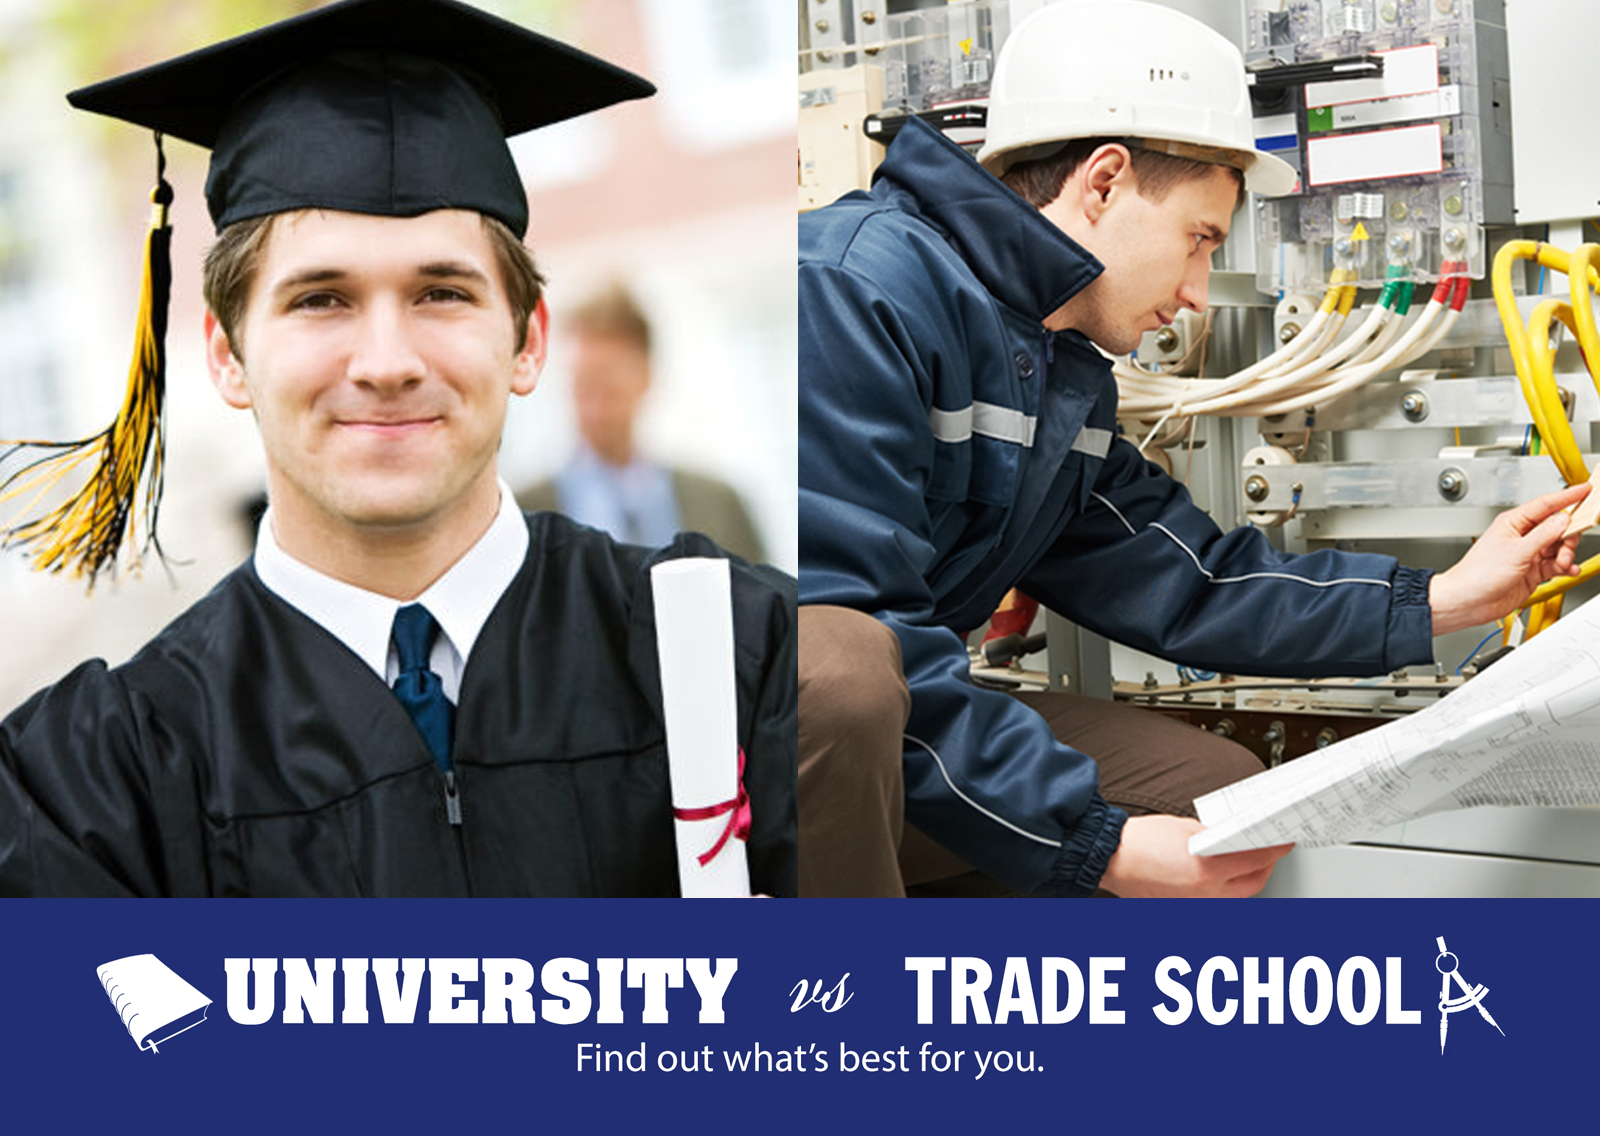 Benefits of trade school